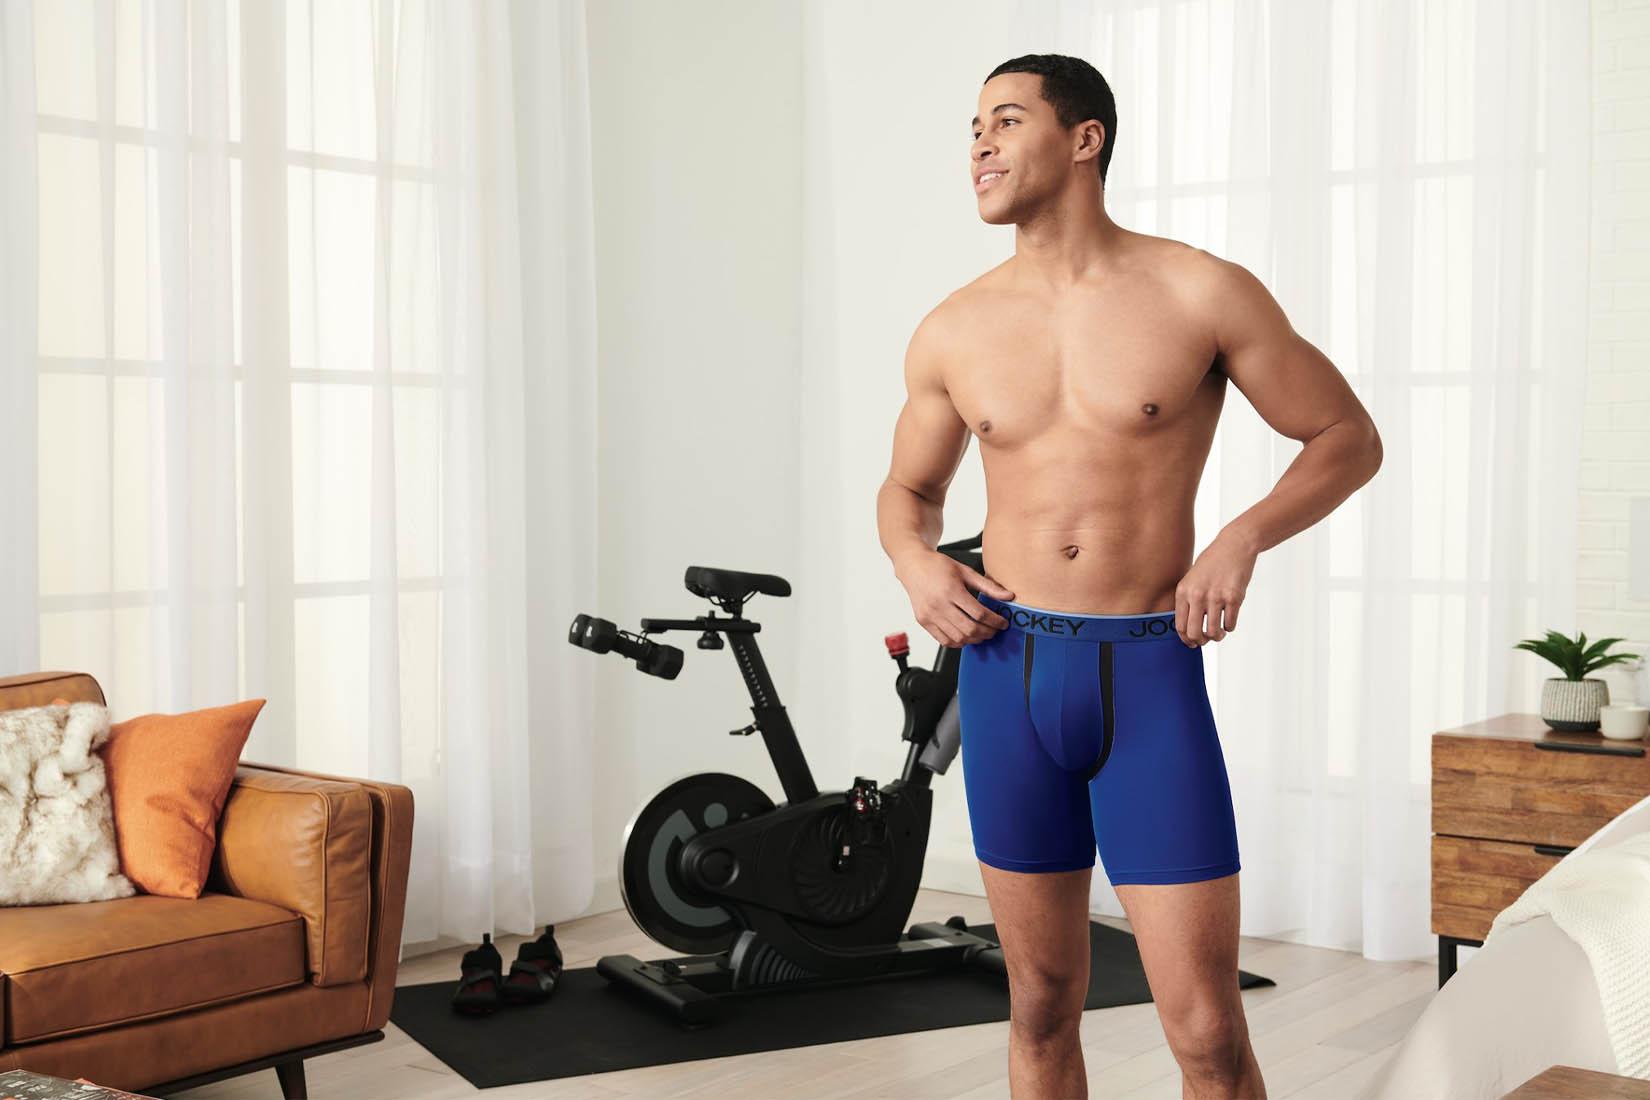 best underwear men jockey review Luxe Digital